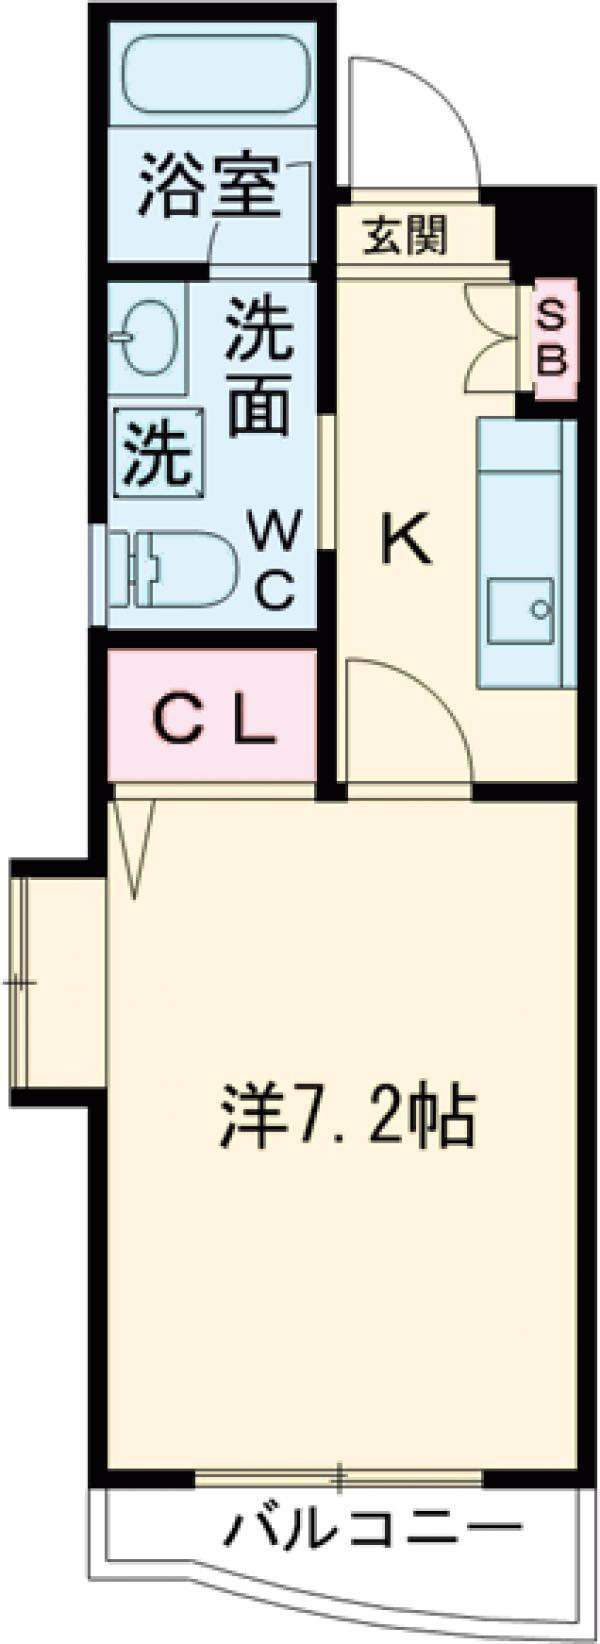 S・FLATⅡ・2203号室の間取り